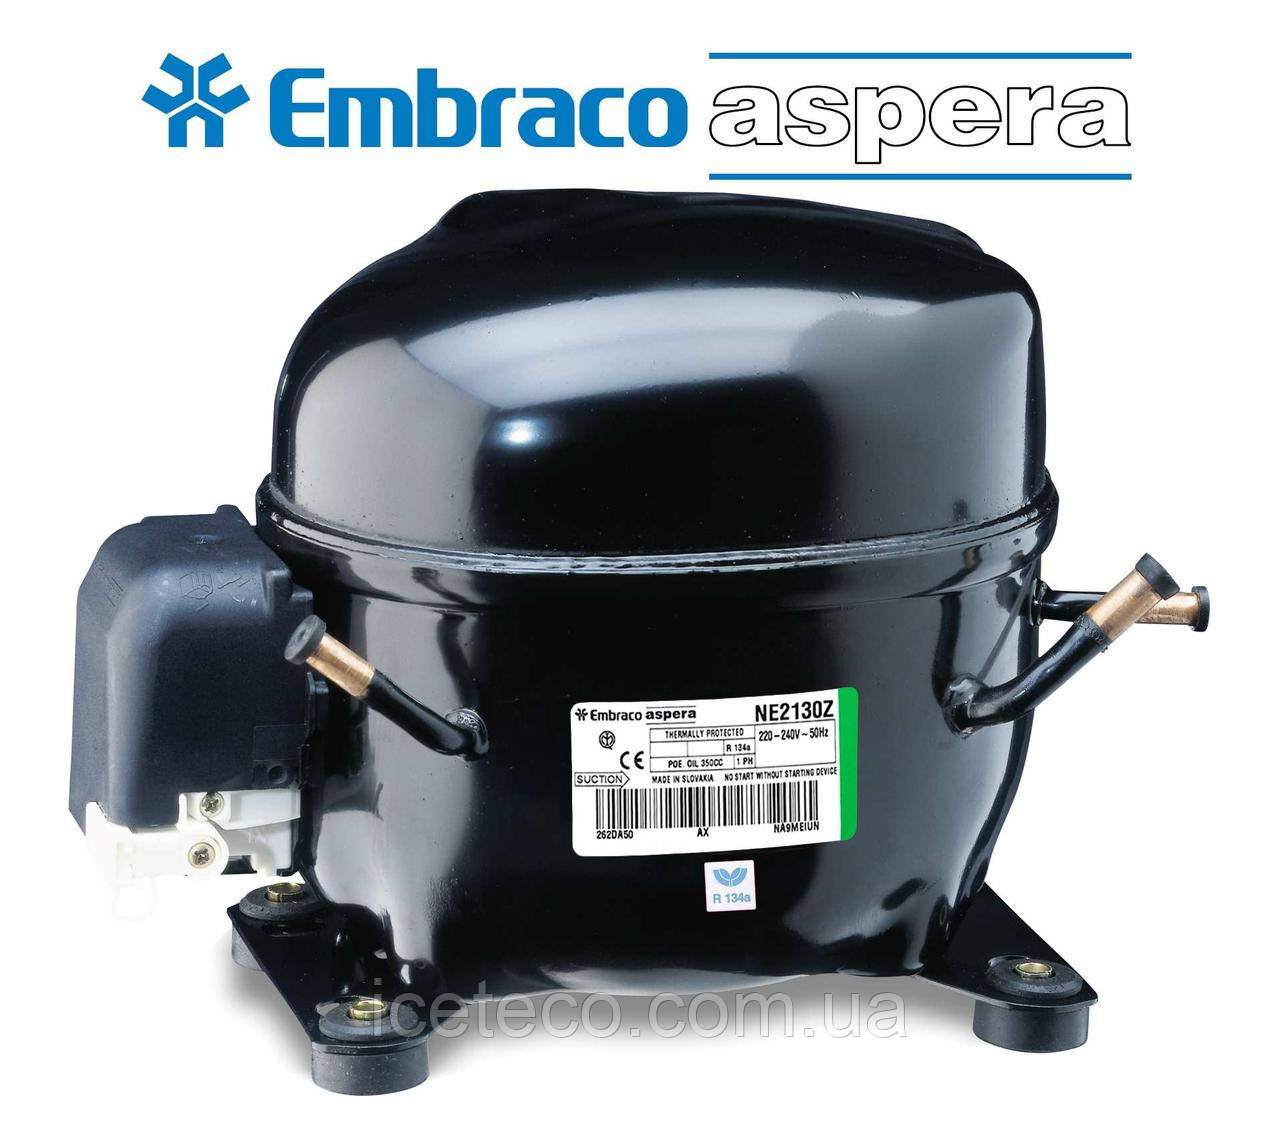 Поршневой герметичный компрессор NEK6210GK Embraco Aspera